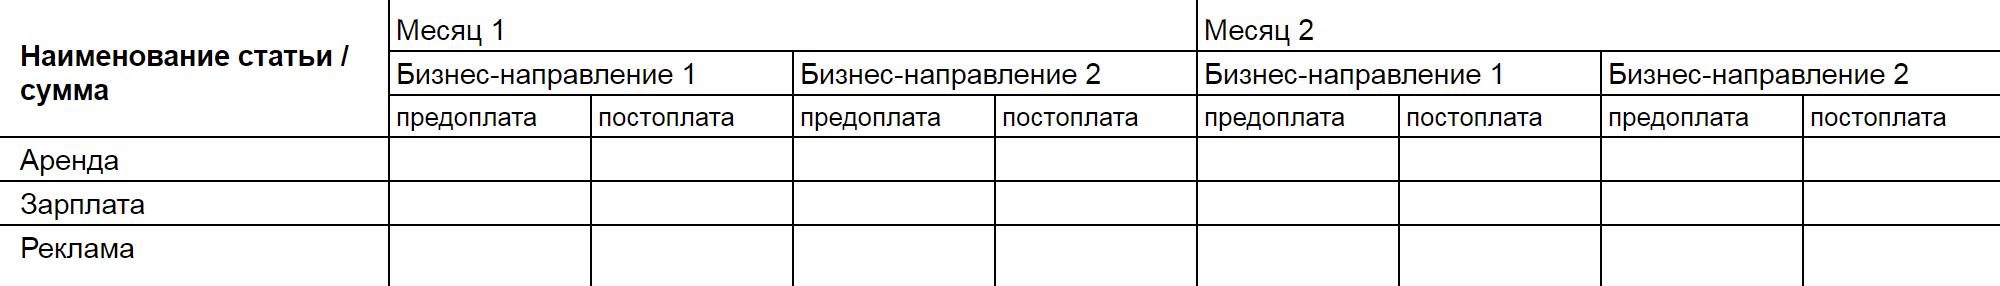 Количество и наименования столбцов свободное и зависит от того, что хочет проанализировать предприниматель